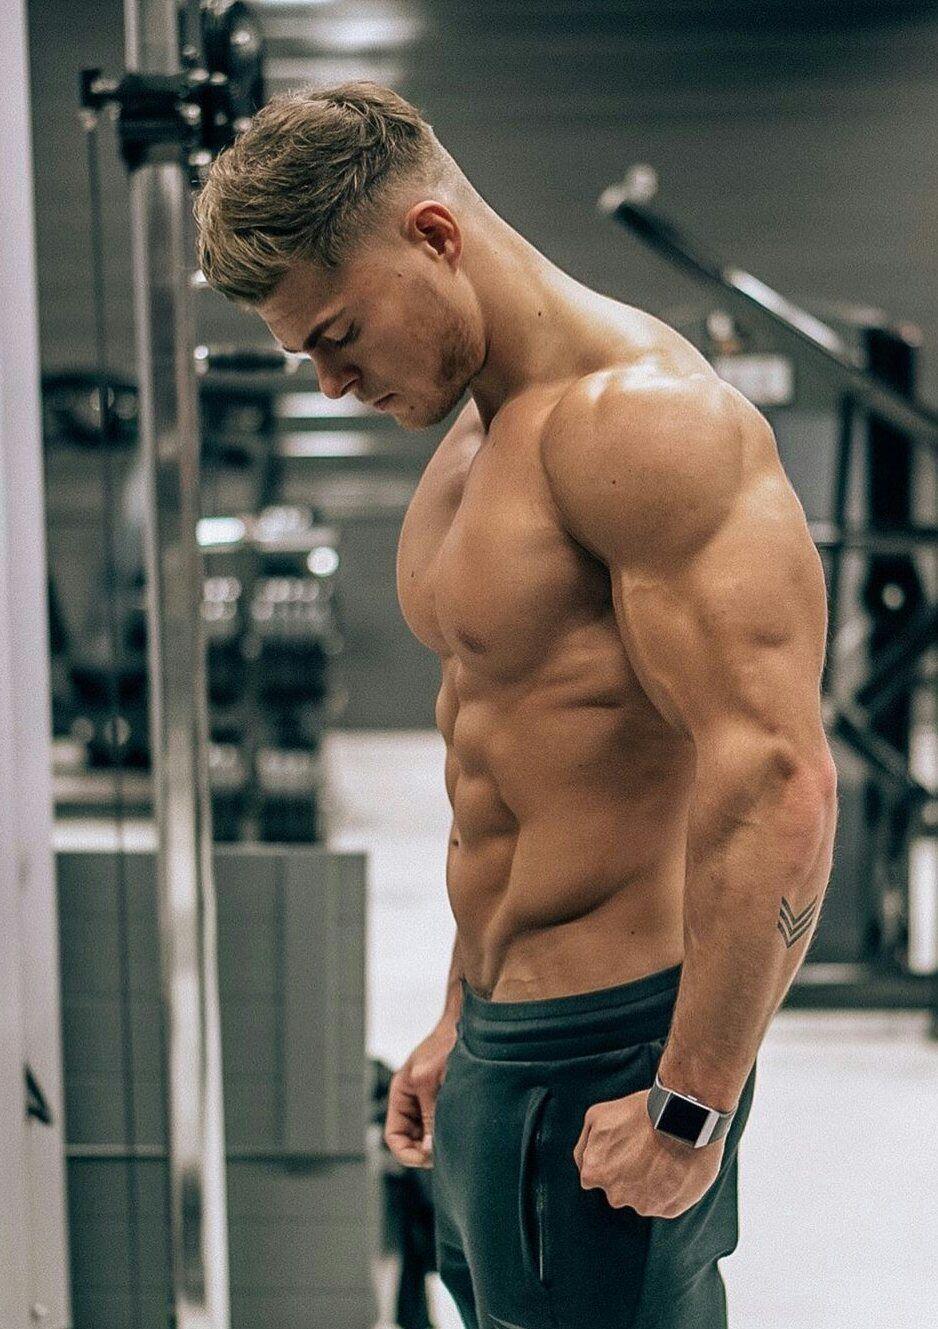 качок мышцы гей порно